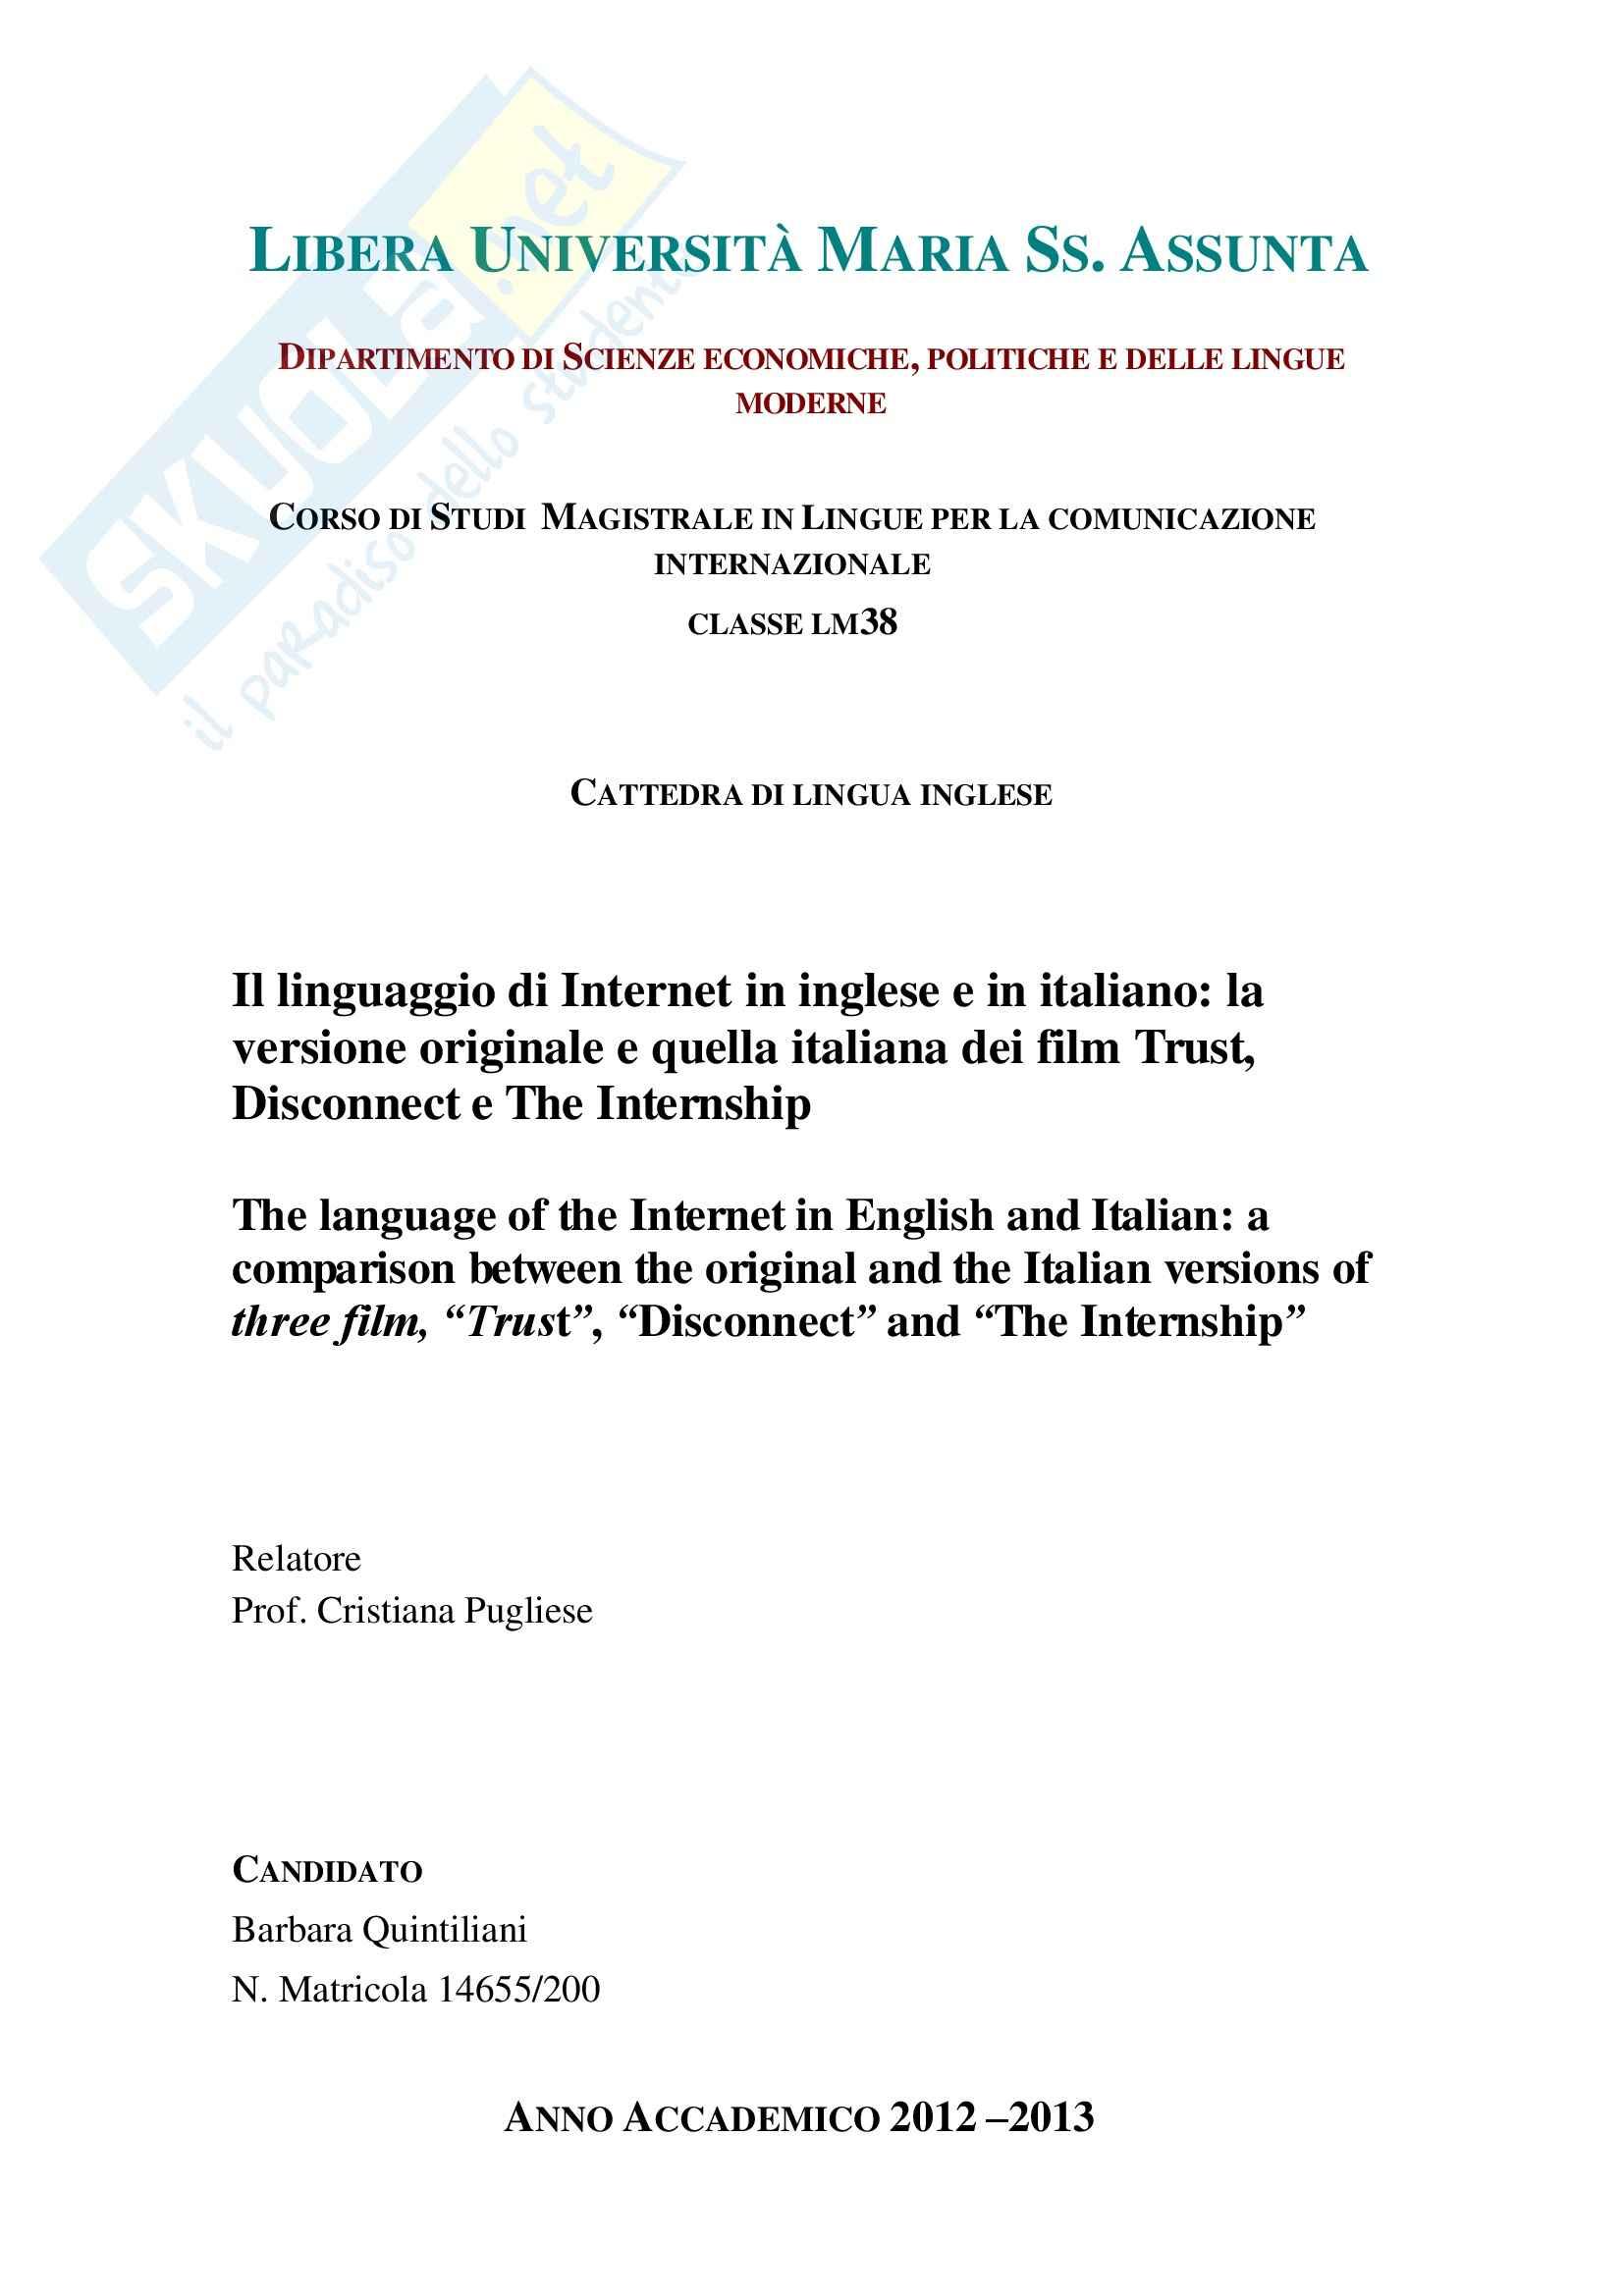 Linguaggio di Internet, Lingua inglese